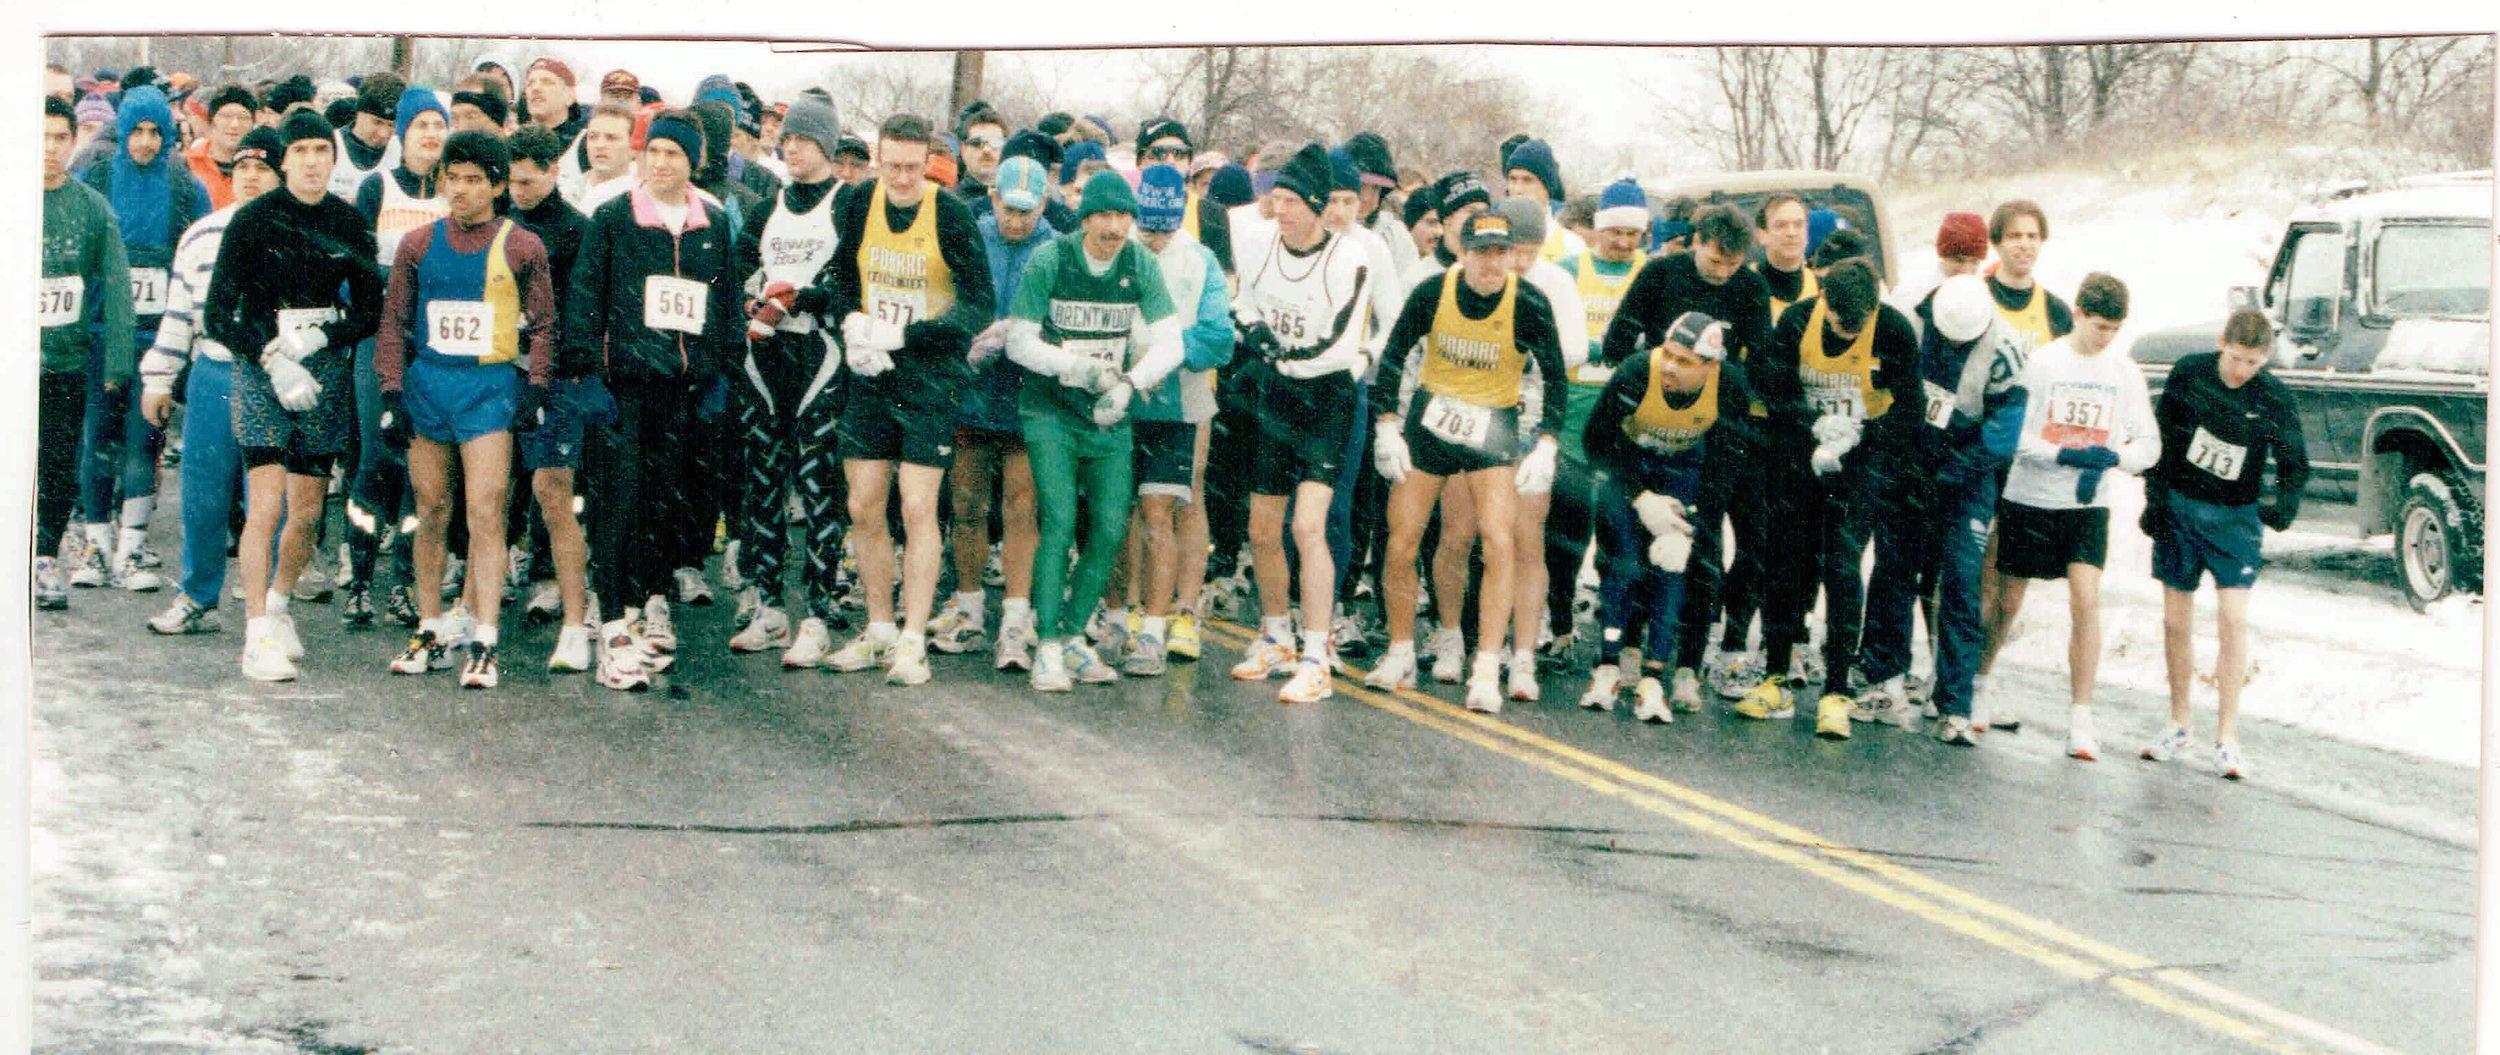 Start of the 1998 Kings Park 15K.